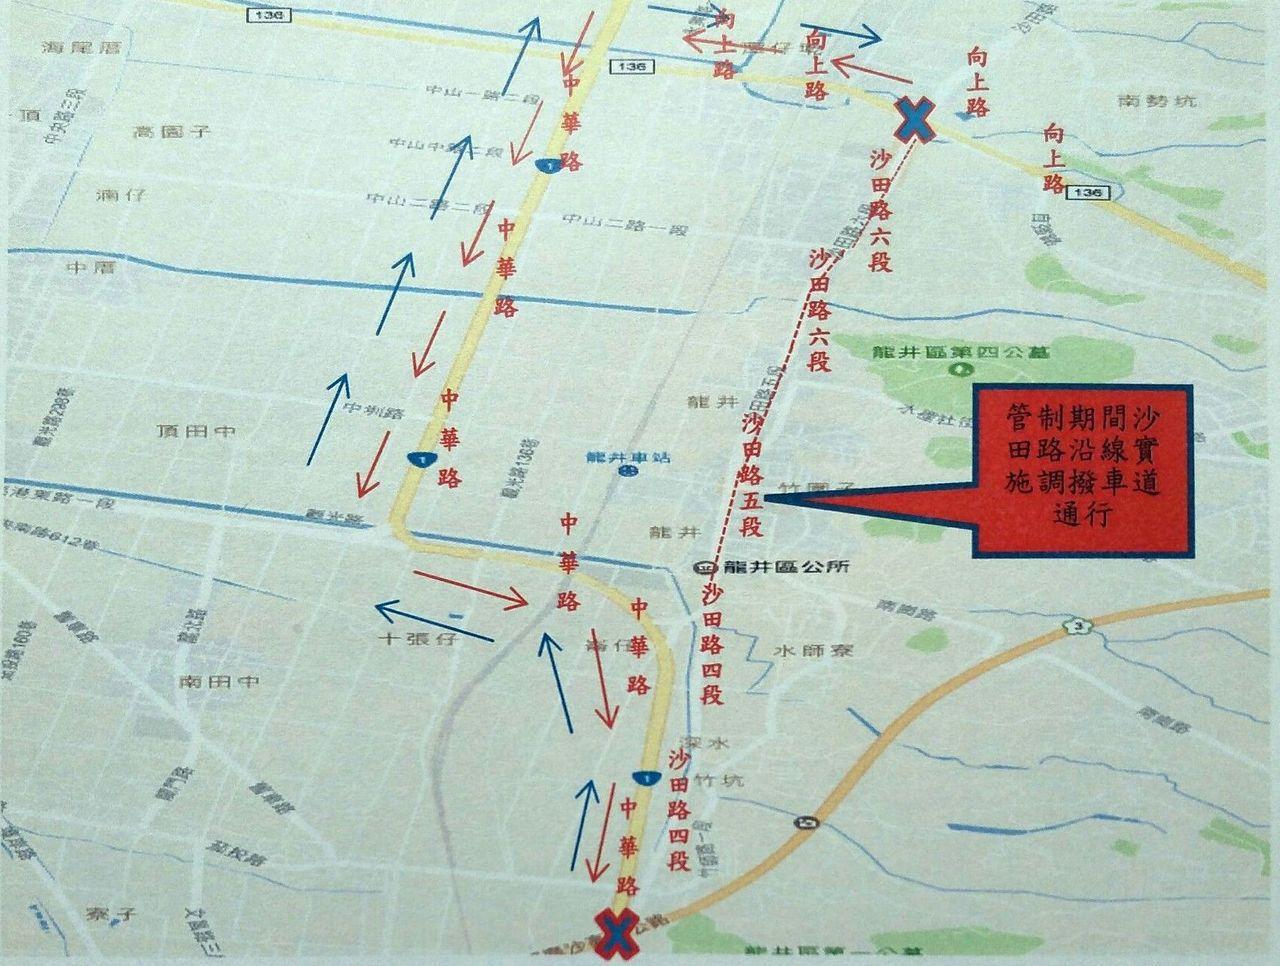 台中市龍井區沙田路四段、五段、六段,以及多個路口配合大甲媽遶境,在4月8日,以及...